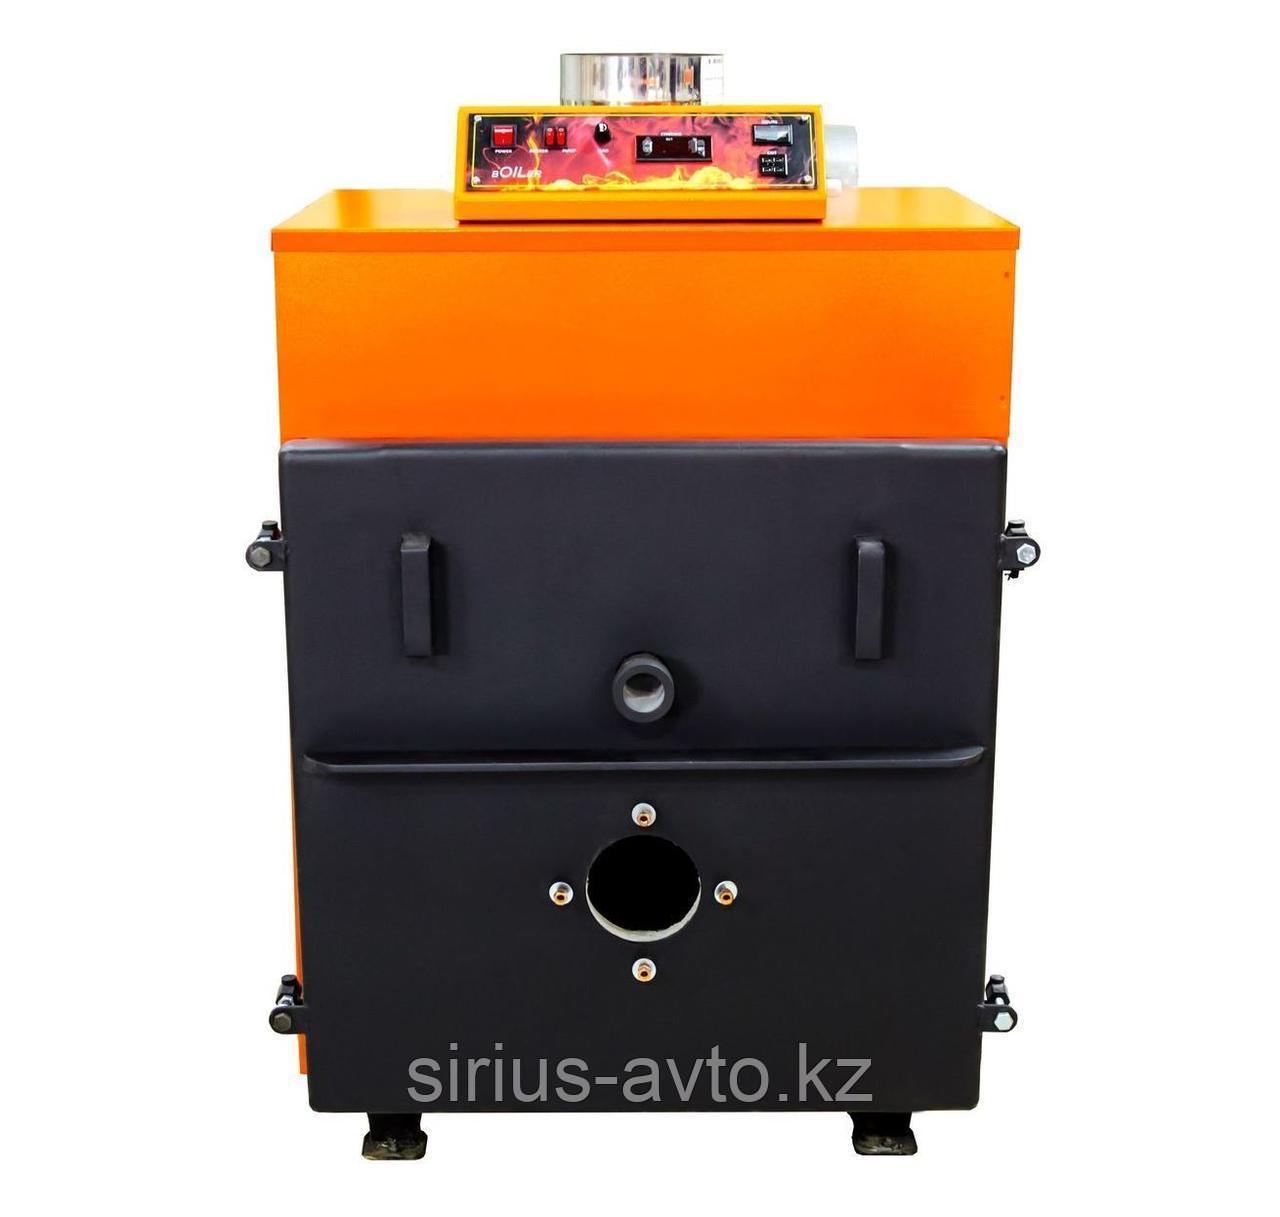 Boiler В - 60 (60кВт) Водогрейный котел на отработанном масле